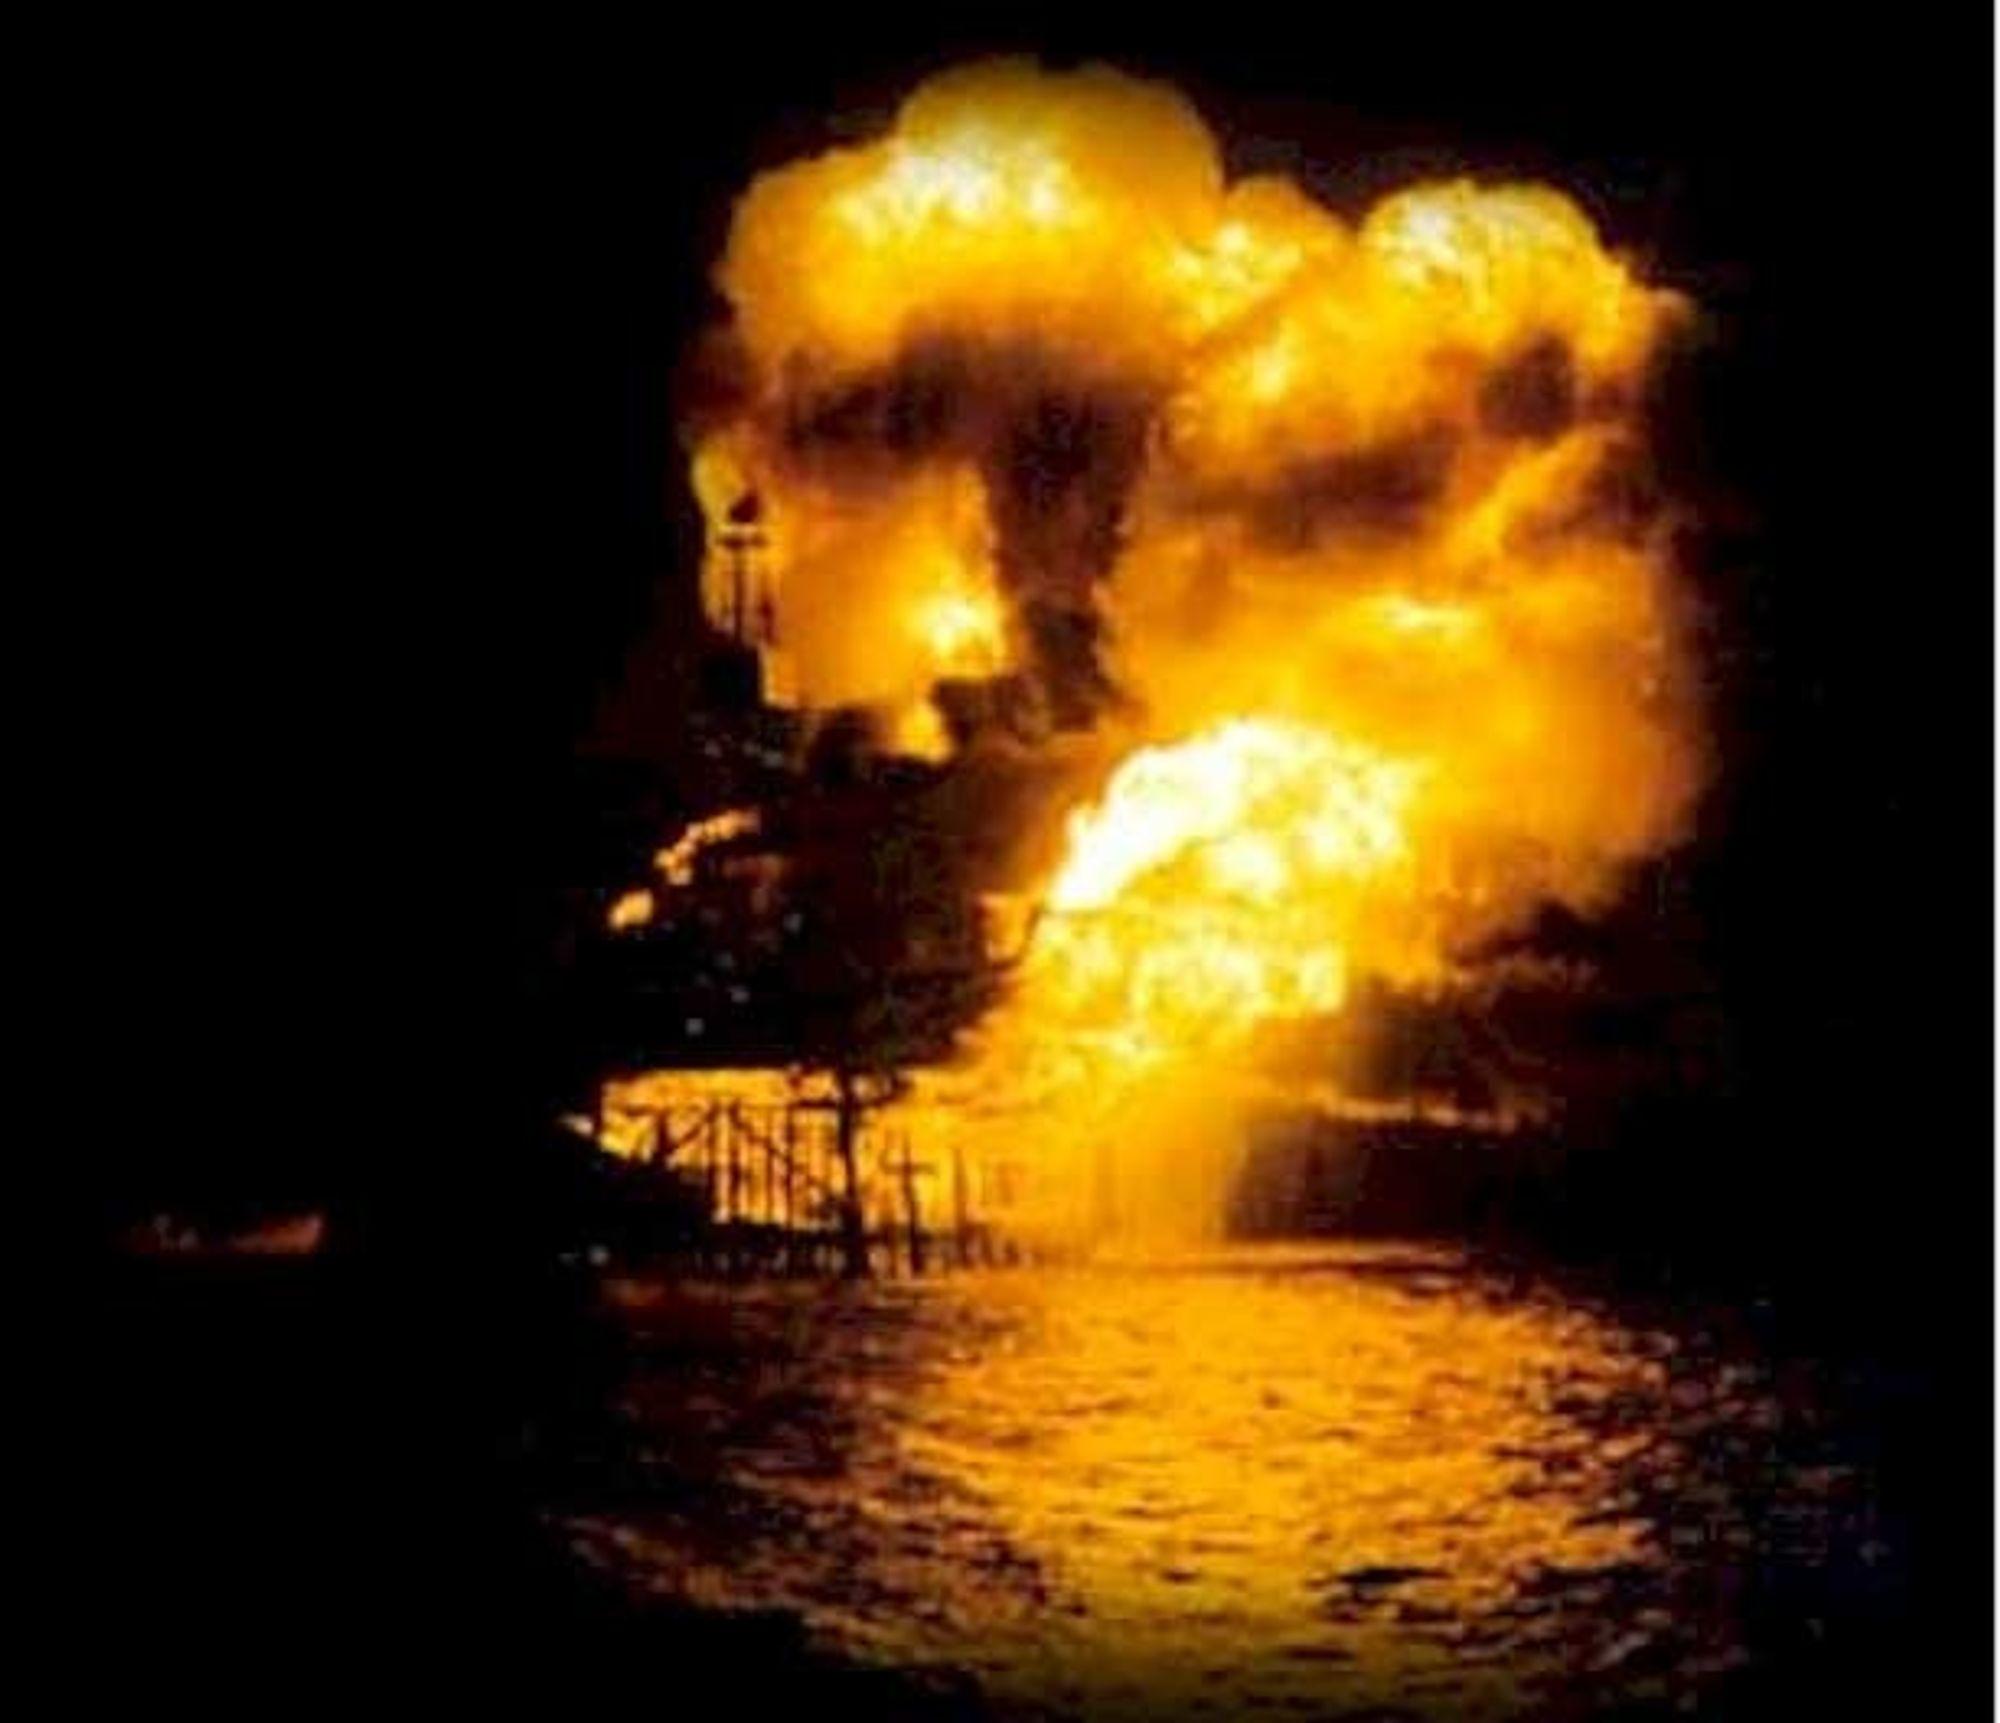 MARERITT: Gasseksplosjonen på Oxideltals Piper Alpha plattform i 1988 krevde 189 menneskeliv. En feilmontert rørstuss og pakning, samt operatørfeil medførte katastrofen.